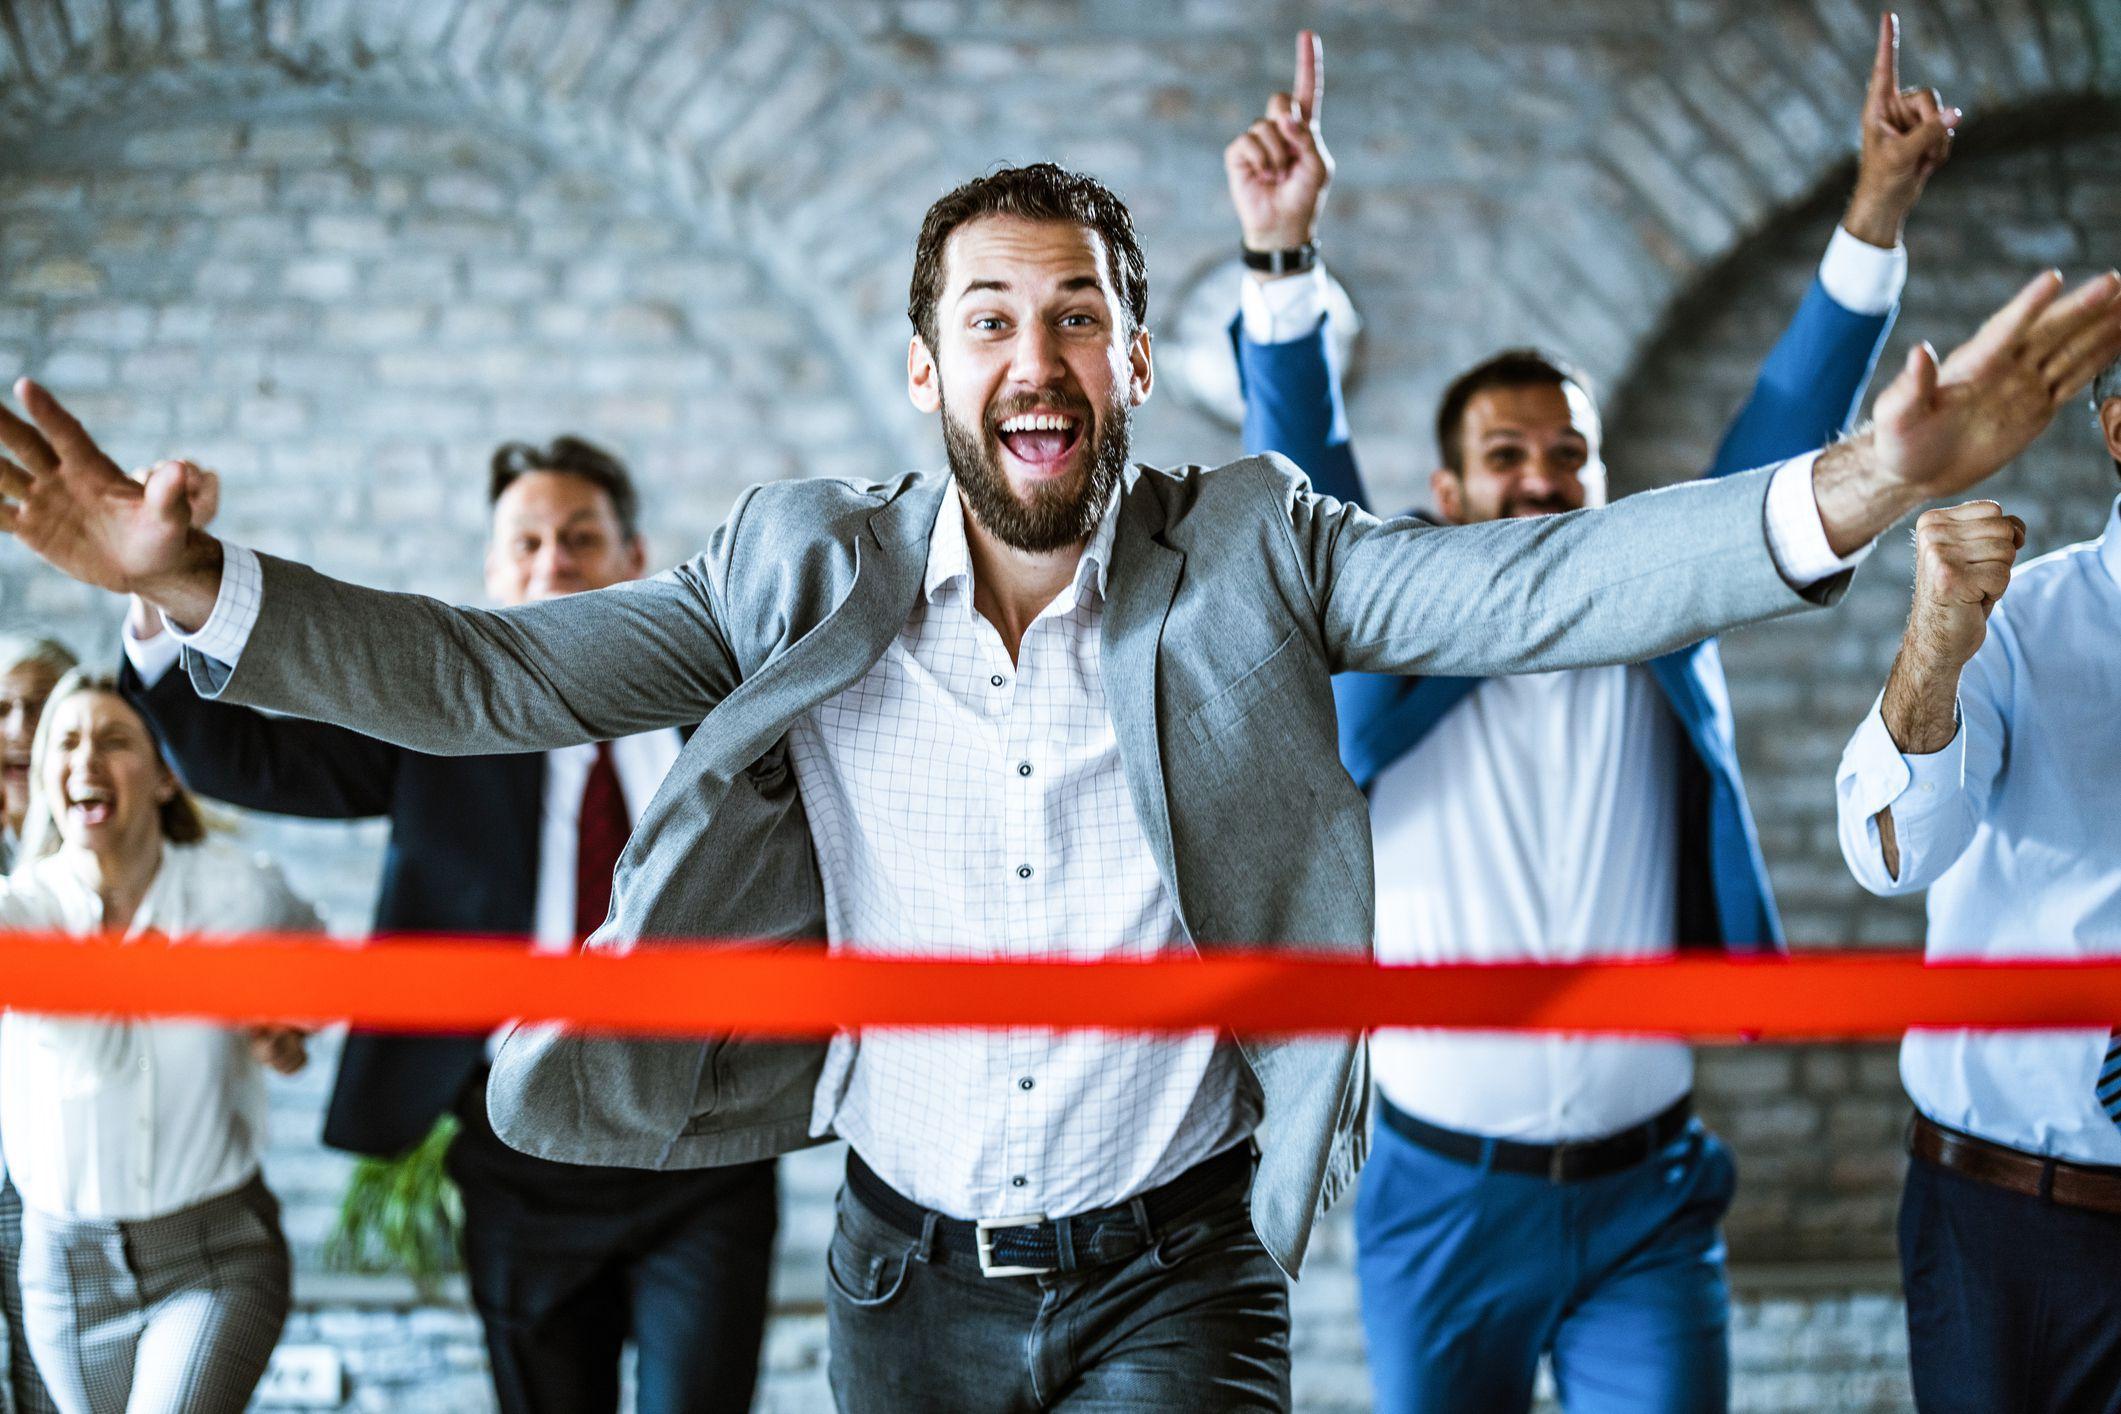 Intrapeneur: como motivar o espírito empreendedor dos colaboradores?